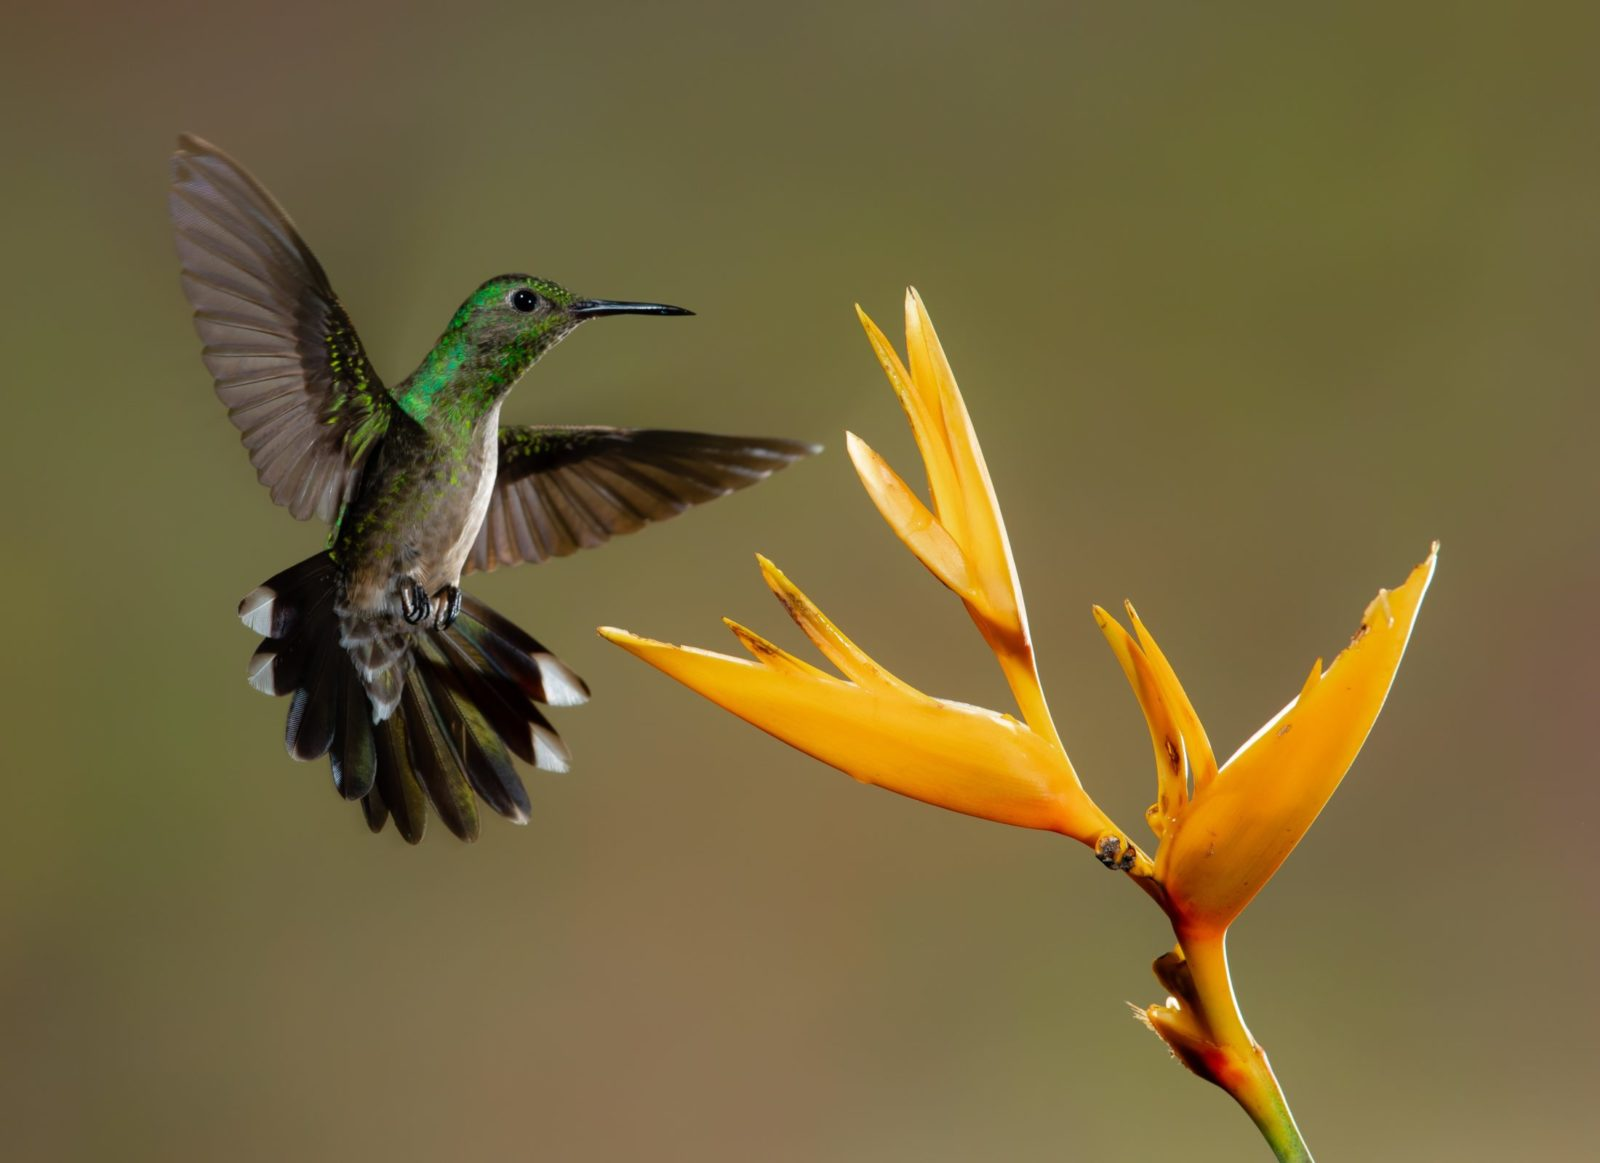 O ninho do beija-flor é construído pela fêmea